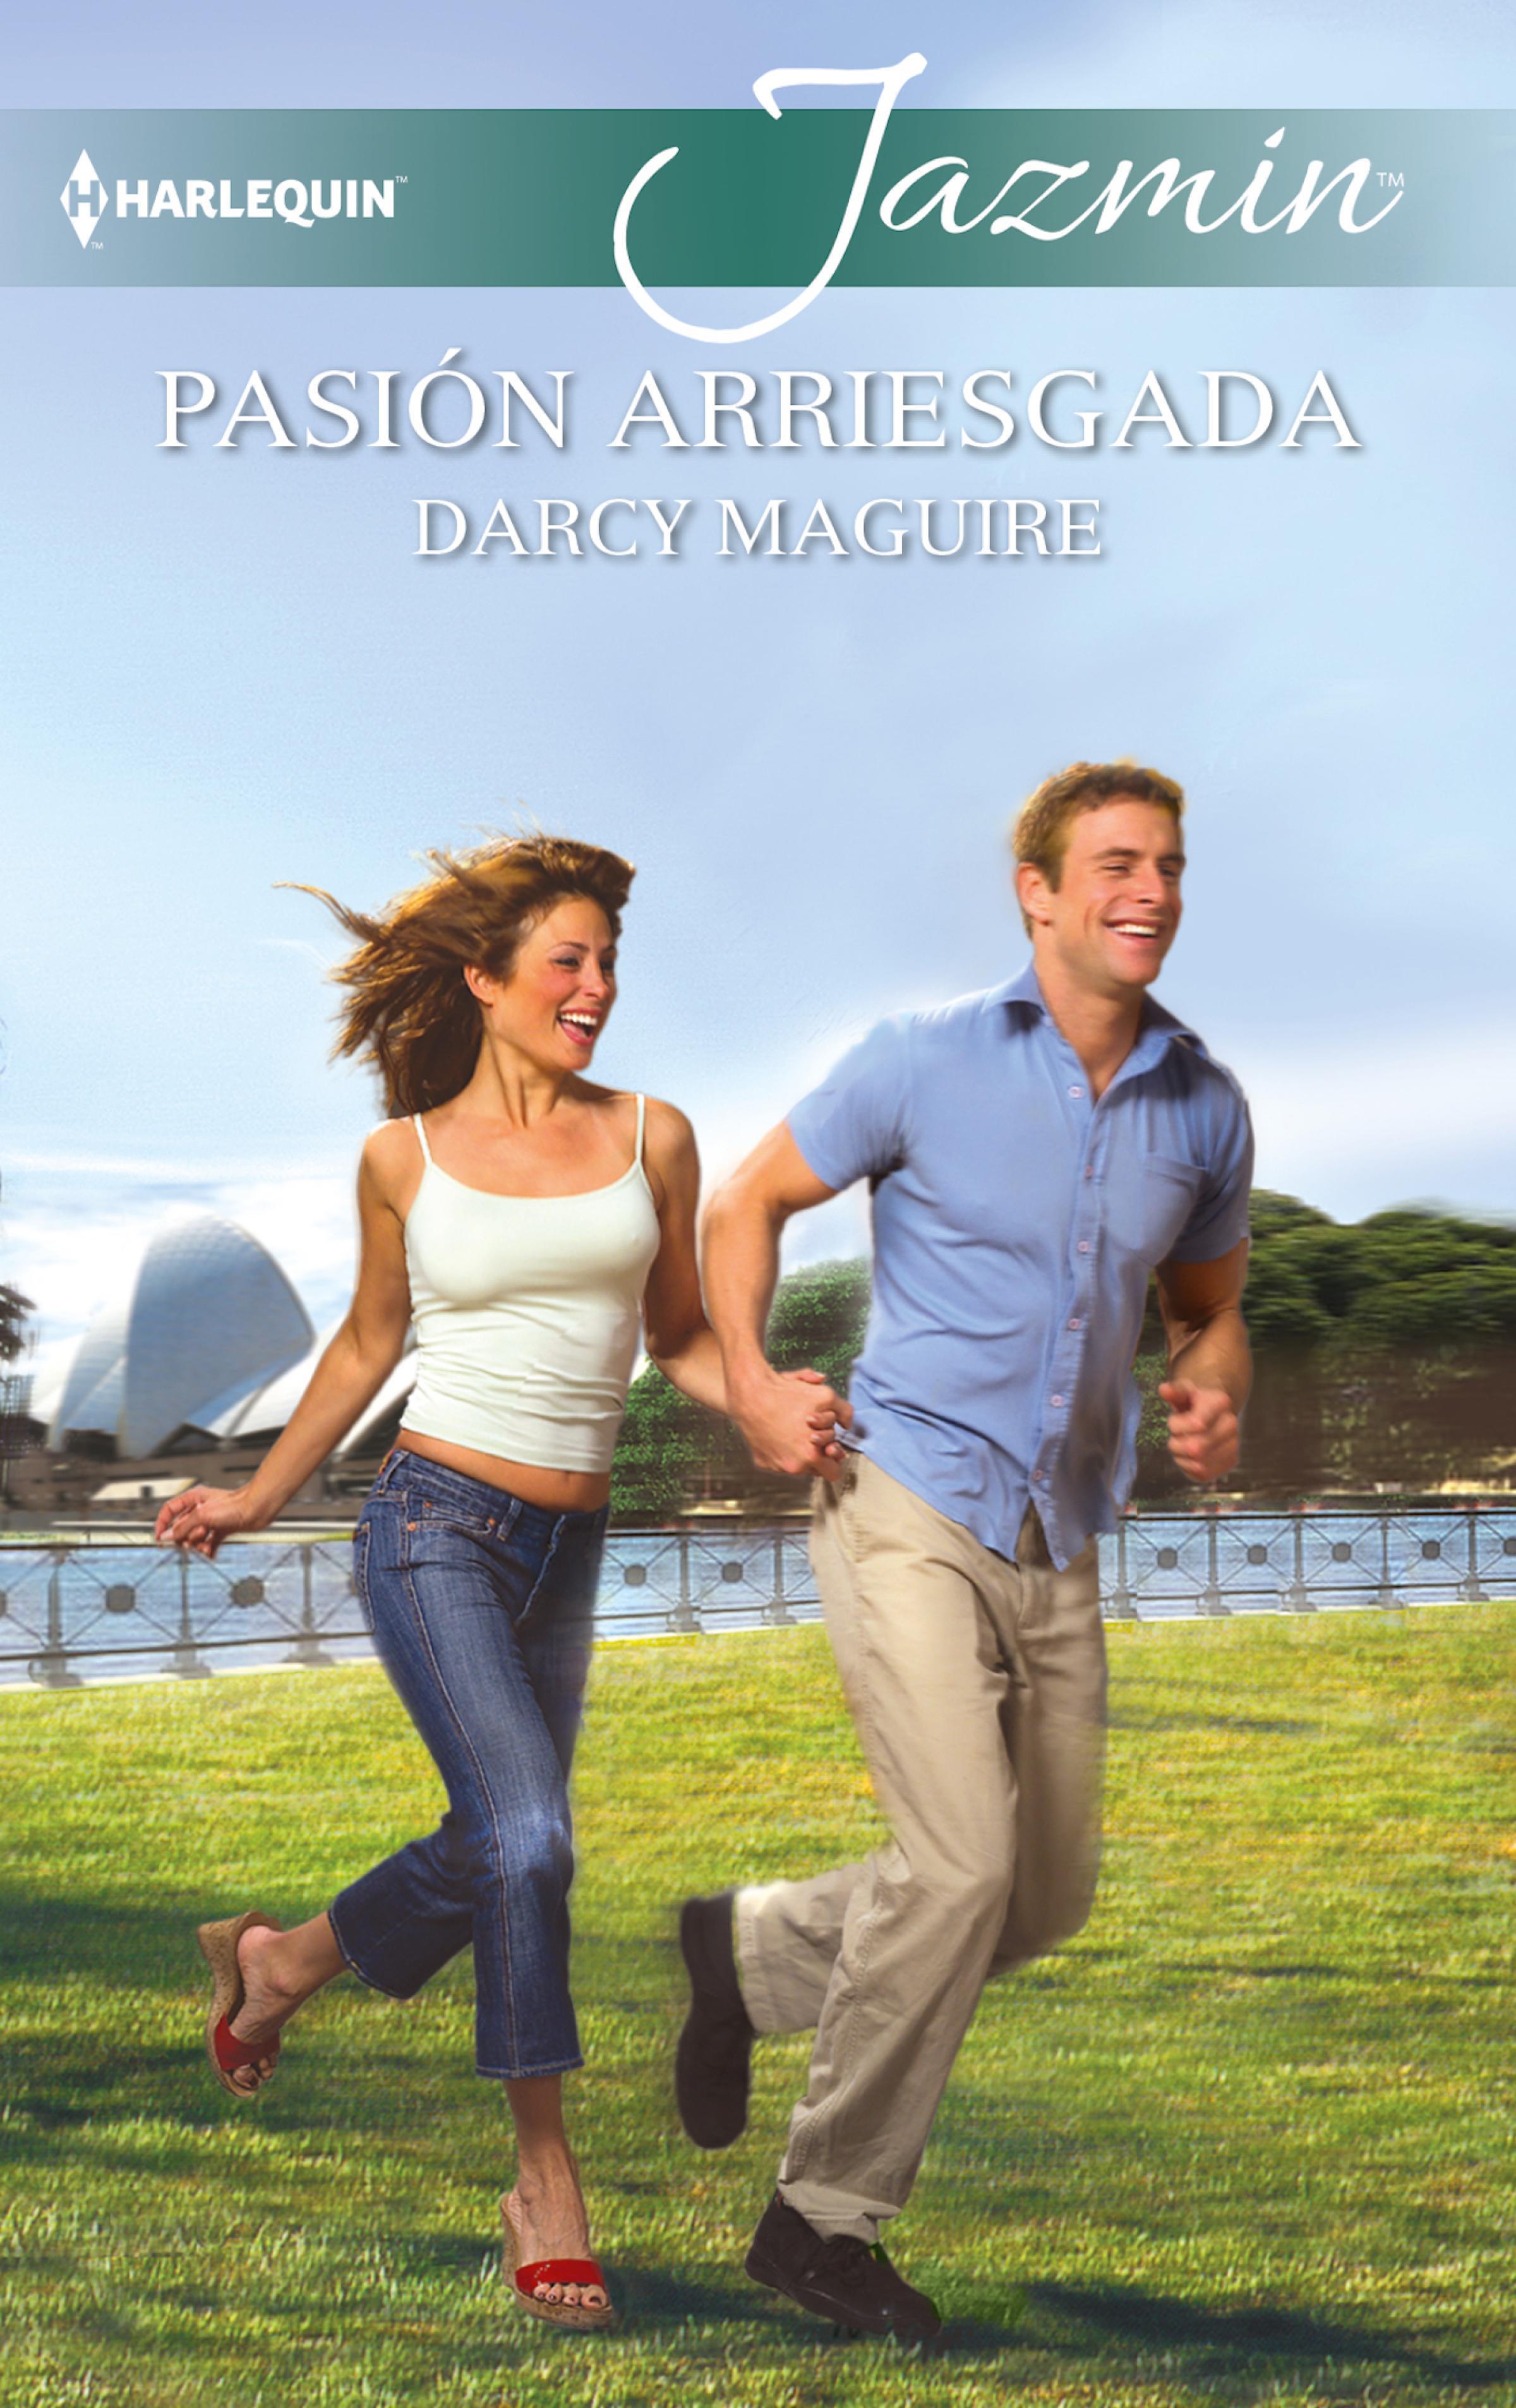 definitely not mr darcy Darcy Maguire Pasión arriesgada